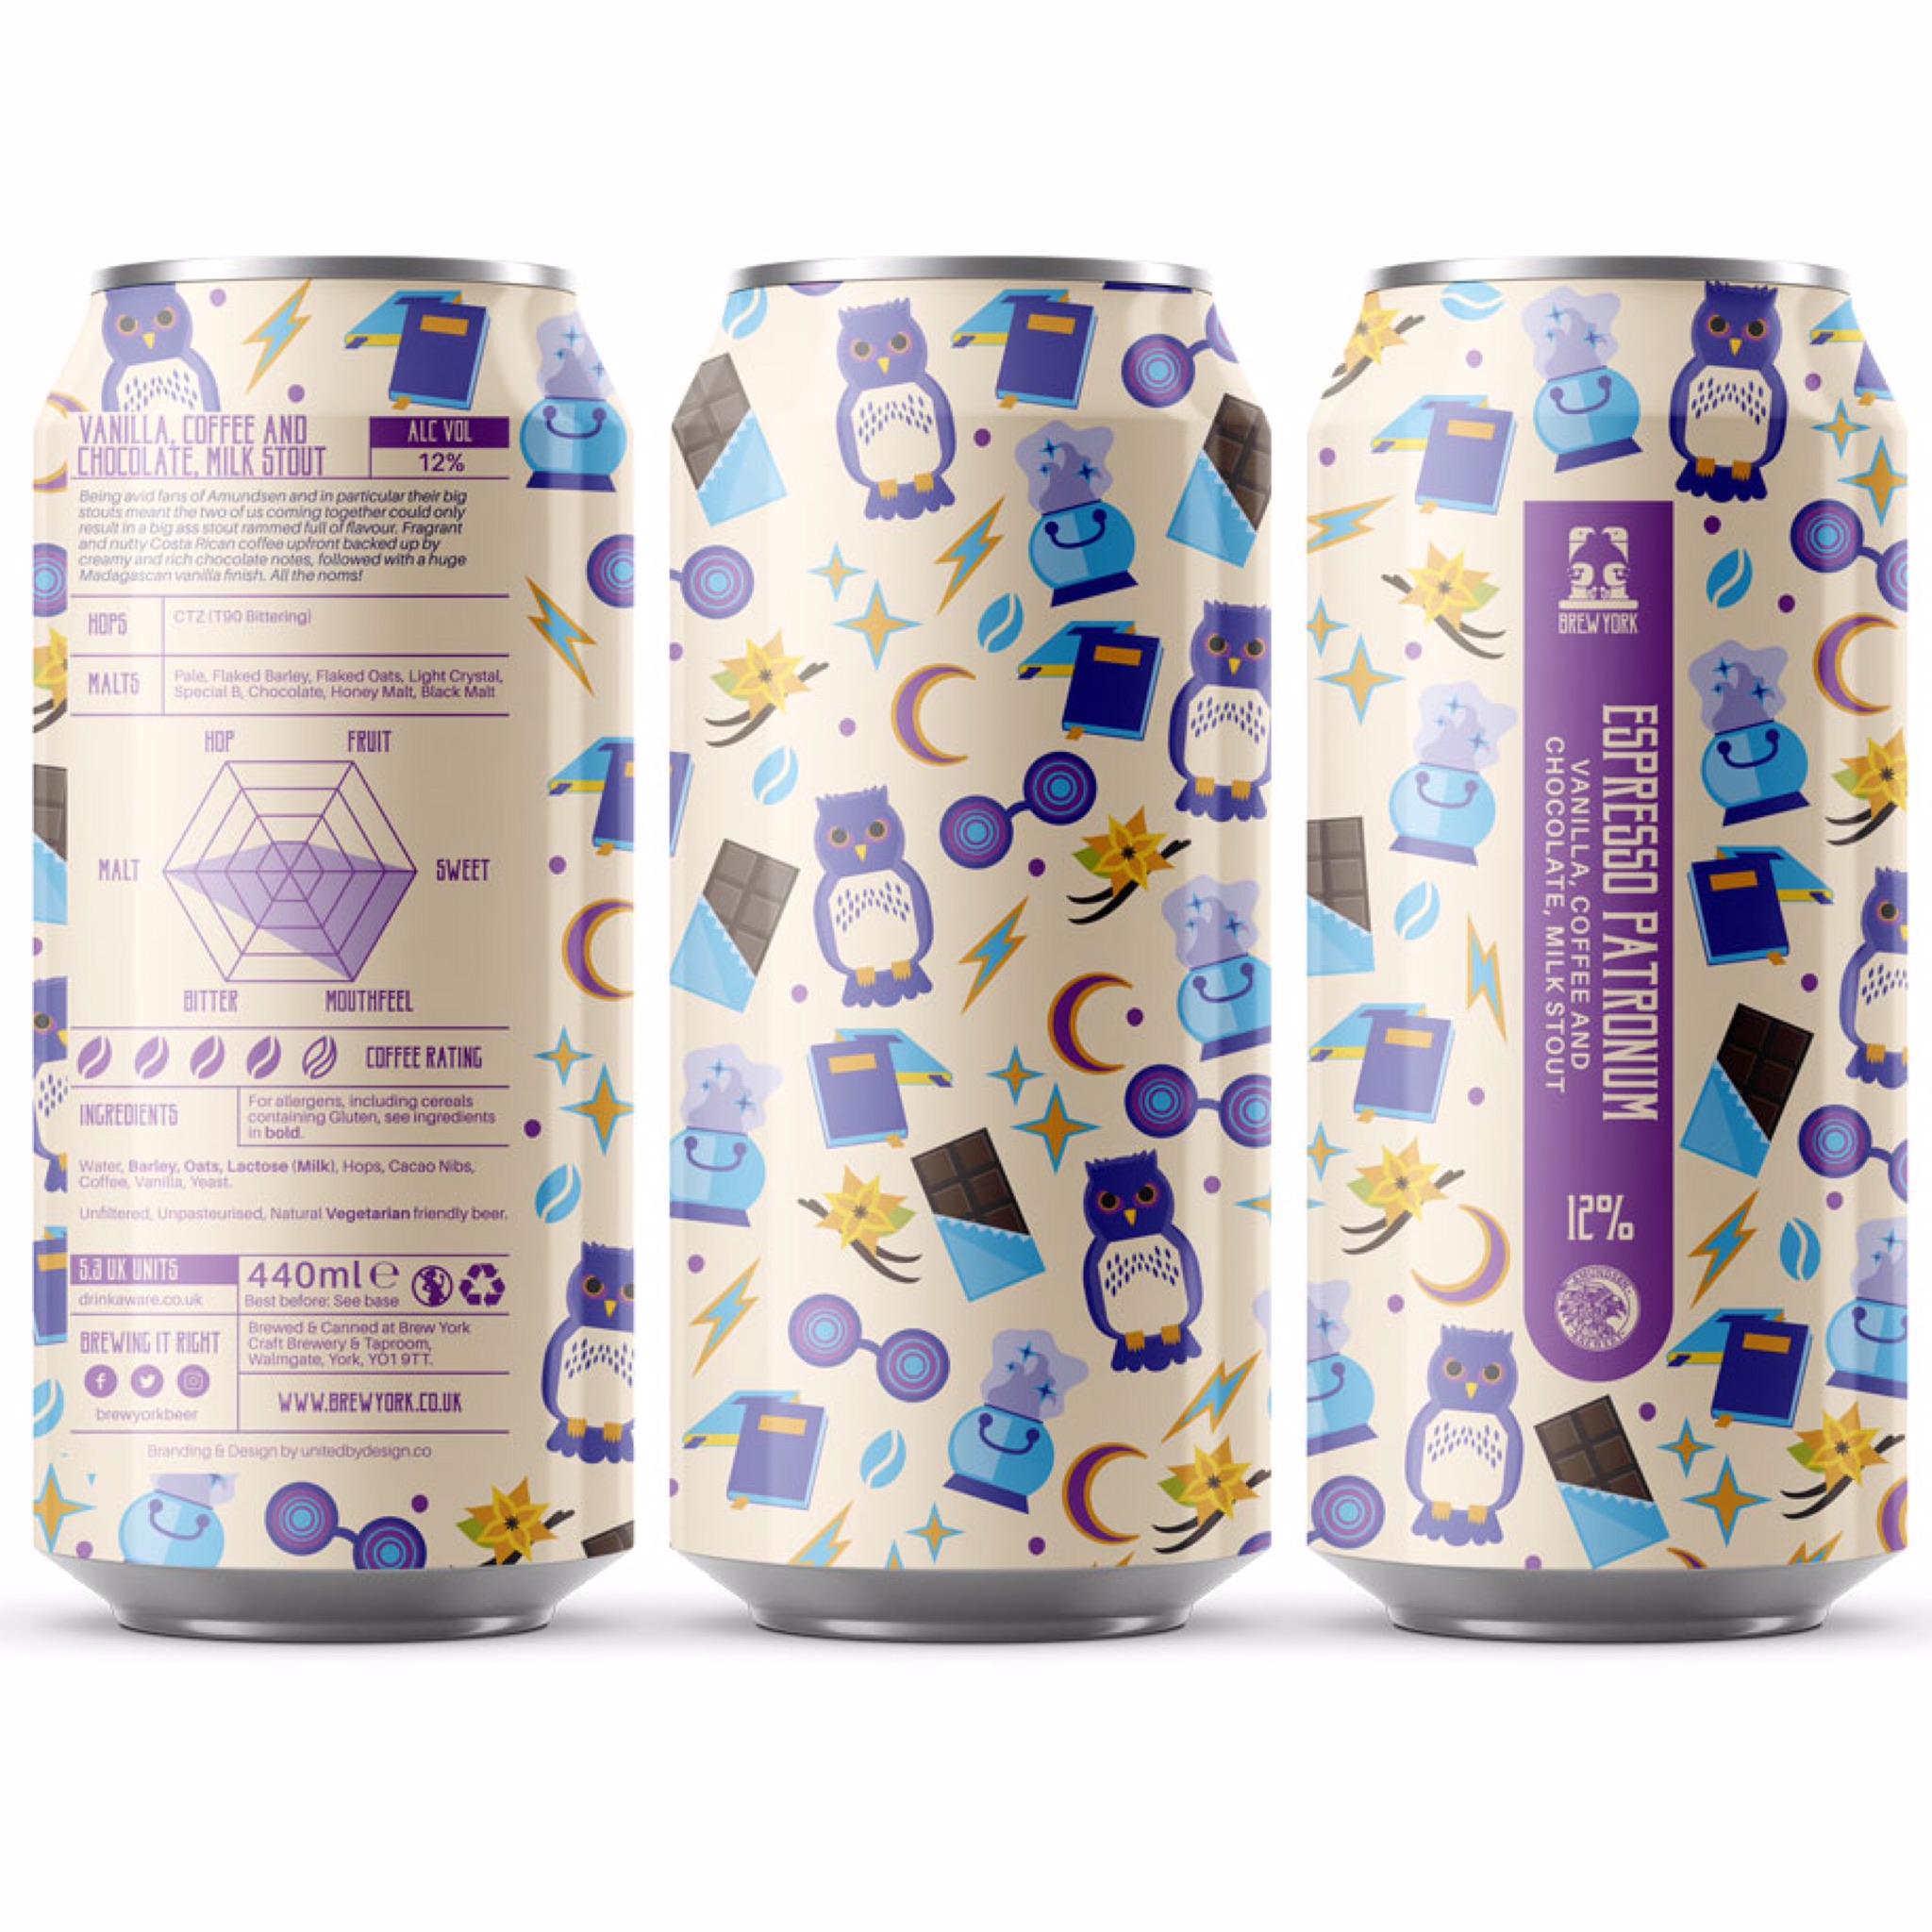 Espresso Patronum - Imperial Milk Stout 12% 440ml Brew York